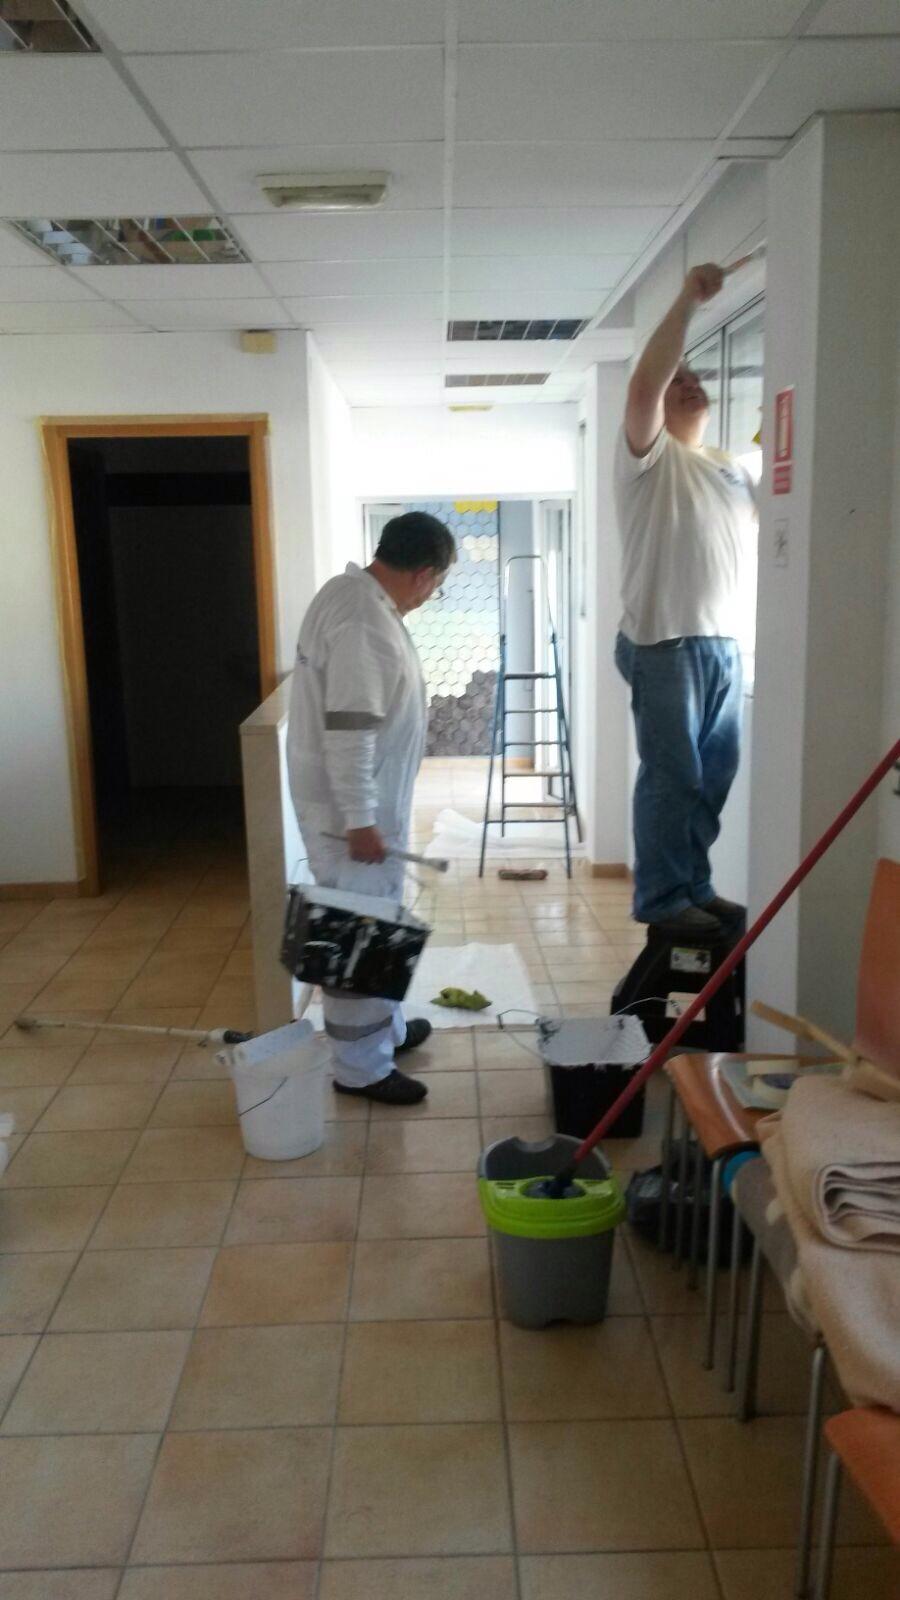 Voluntarios de Stella Maris ultimando detalles para la adecuación de la sede de esta organización en Castellón